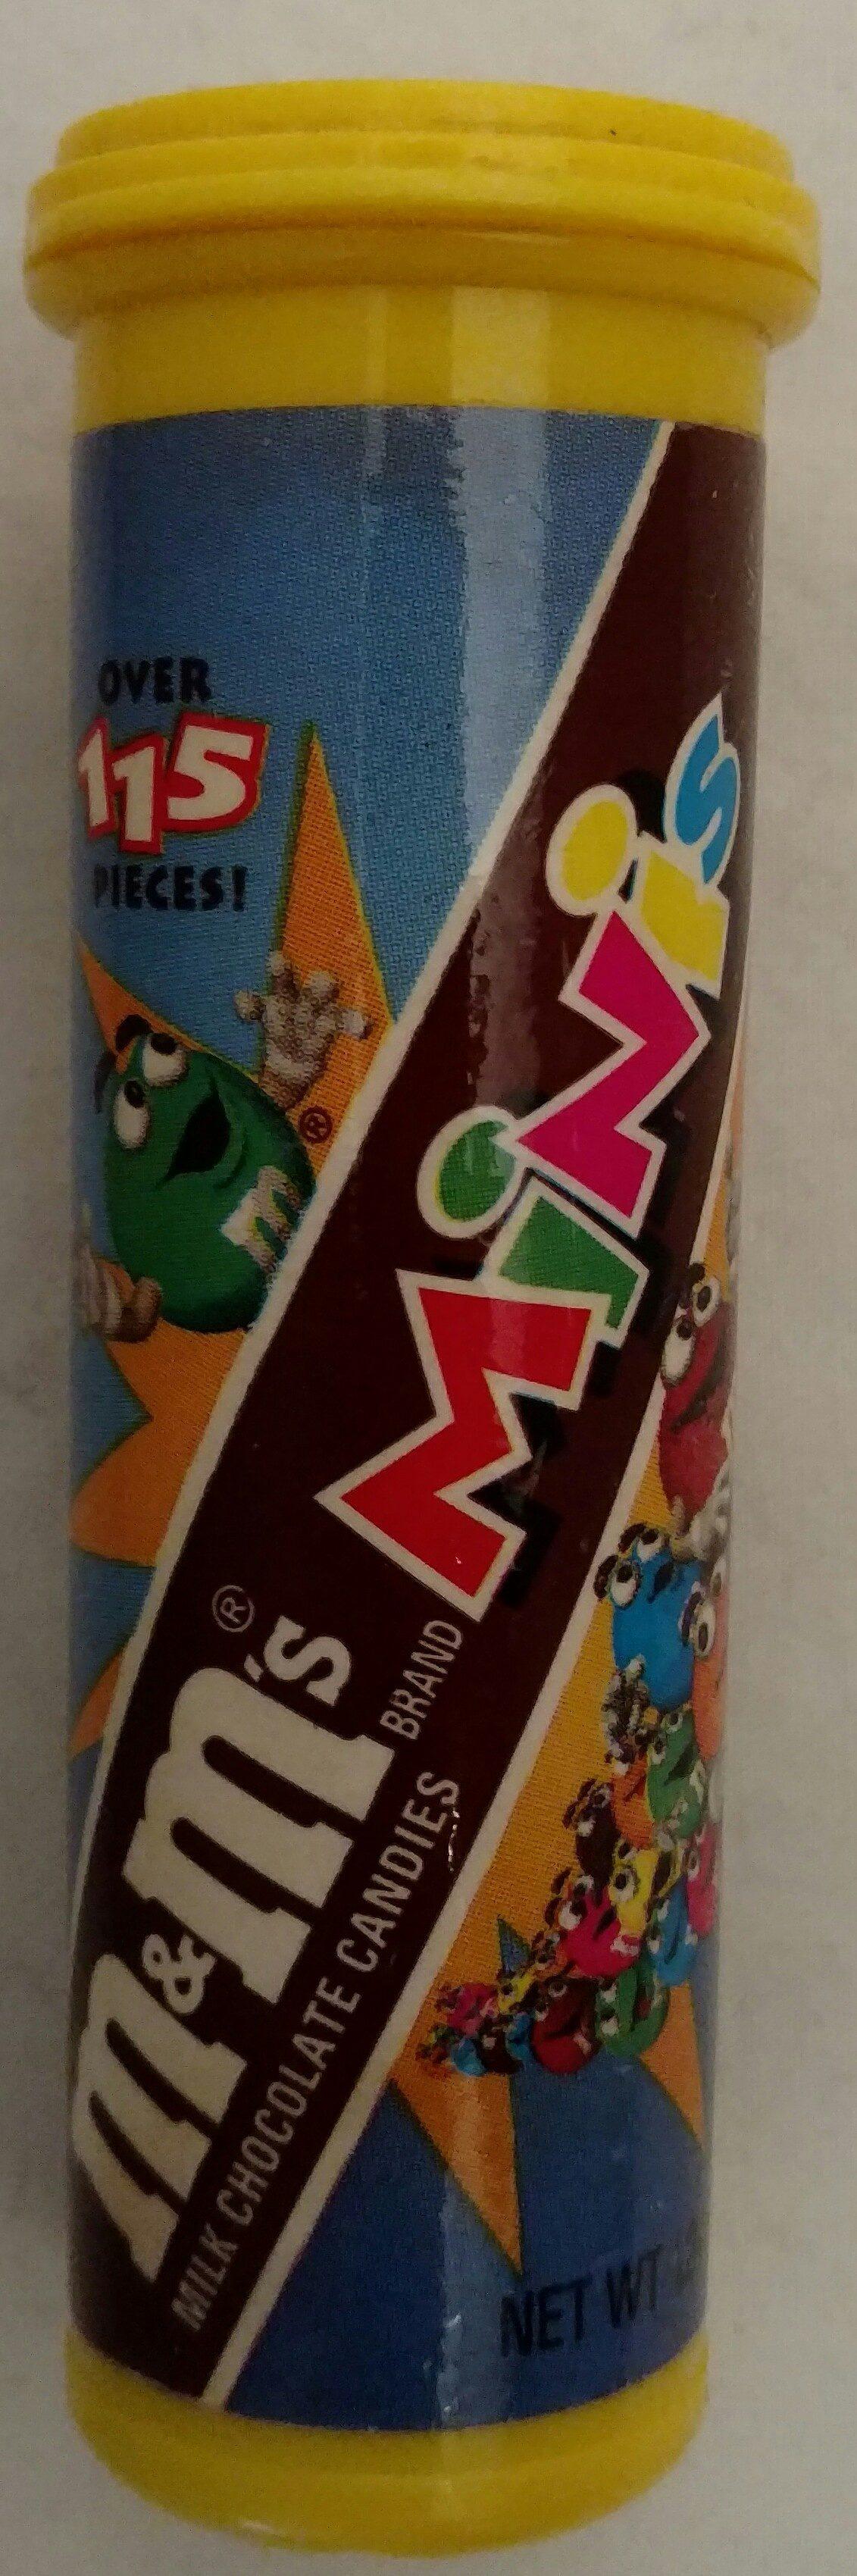 M&M's Minis - Product - en